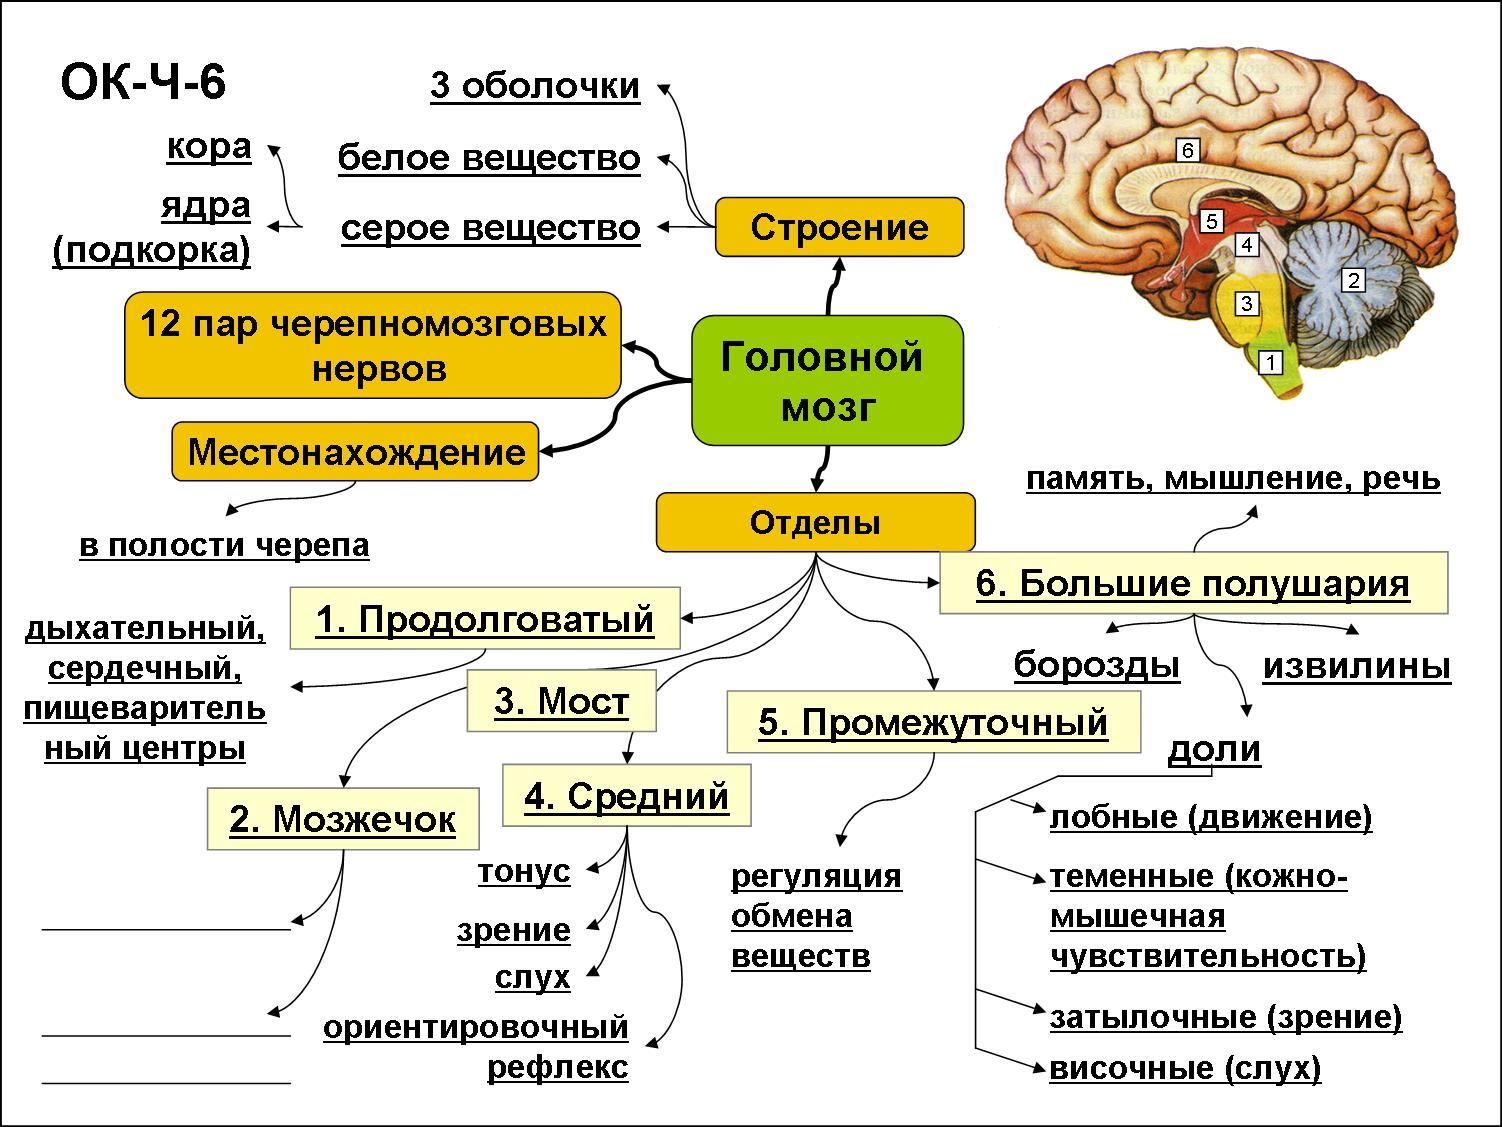 Строение и шпаргалка его функции головной мозг